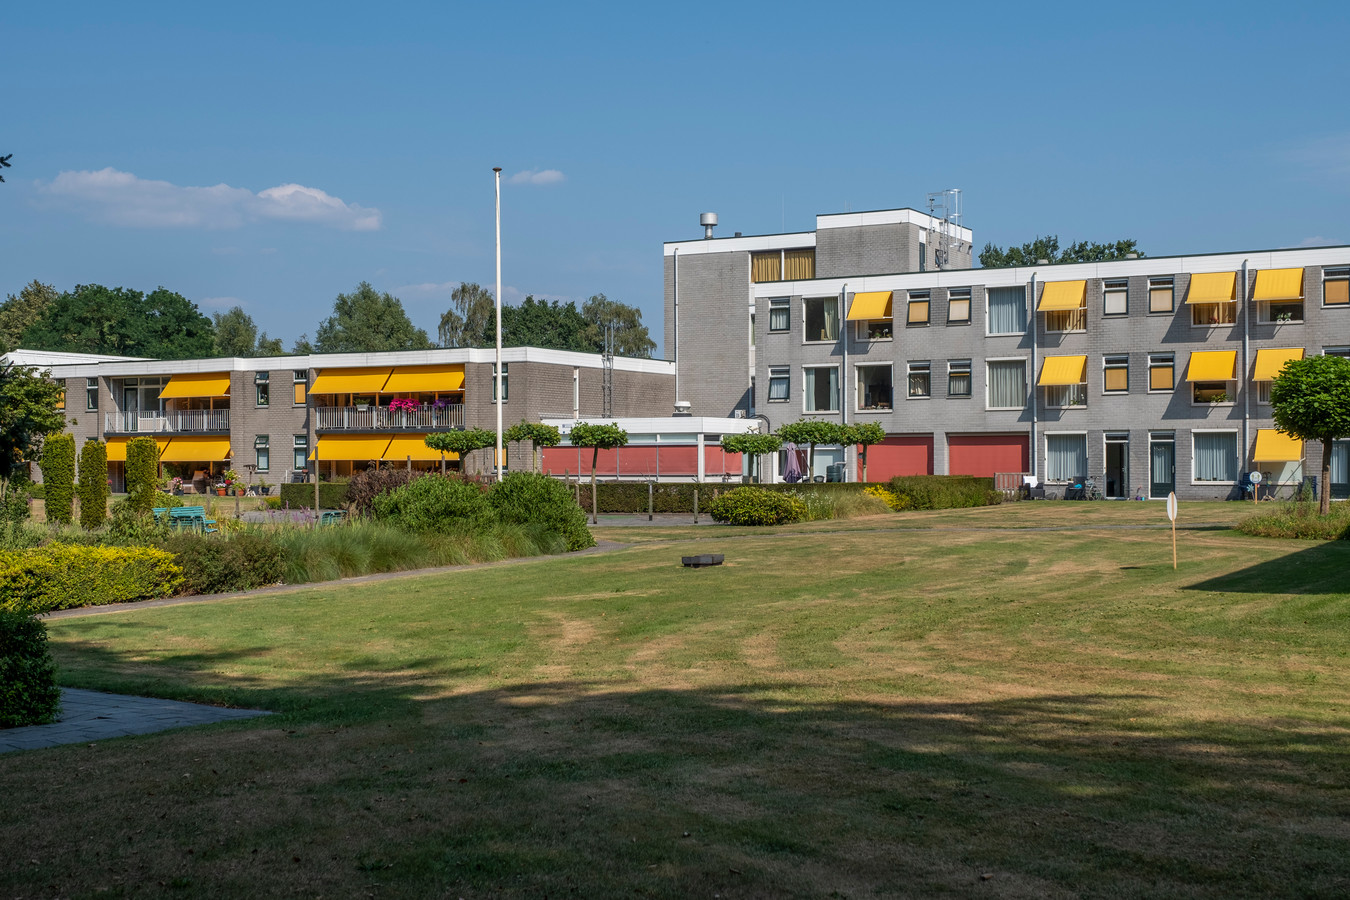 Woonzorgcentrum Rehoboth in Wapenveld. Een bewoner overleed afgelopen weekend, nadat zij voor de tweede keer positief testte op het coronavirus.